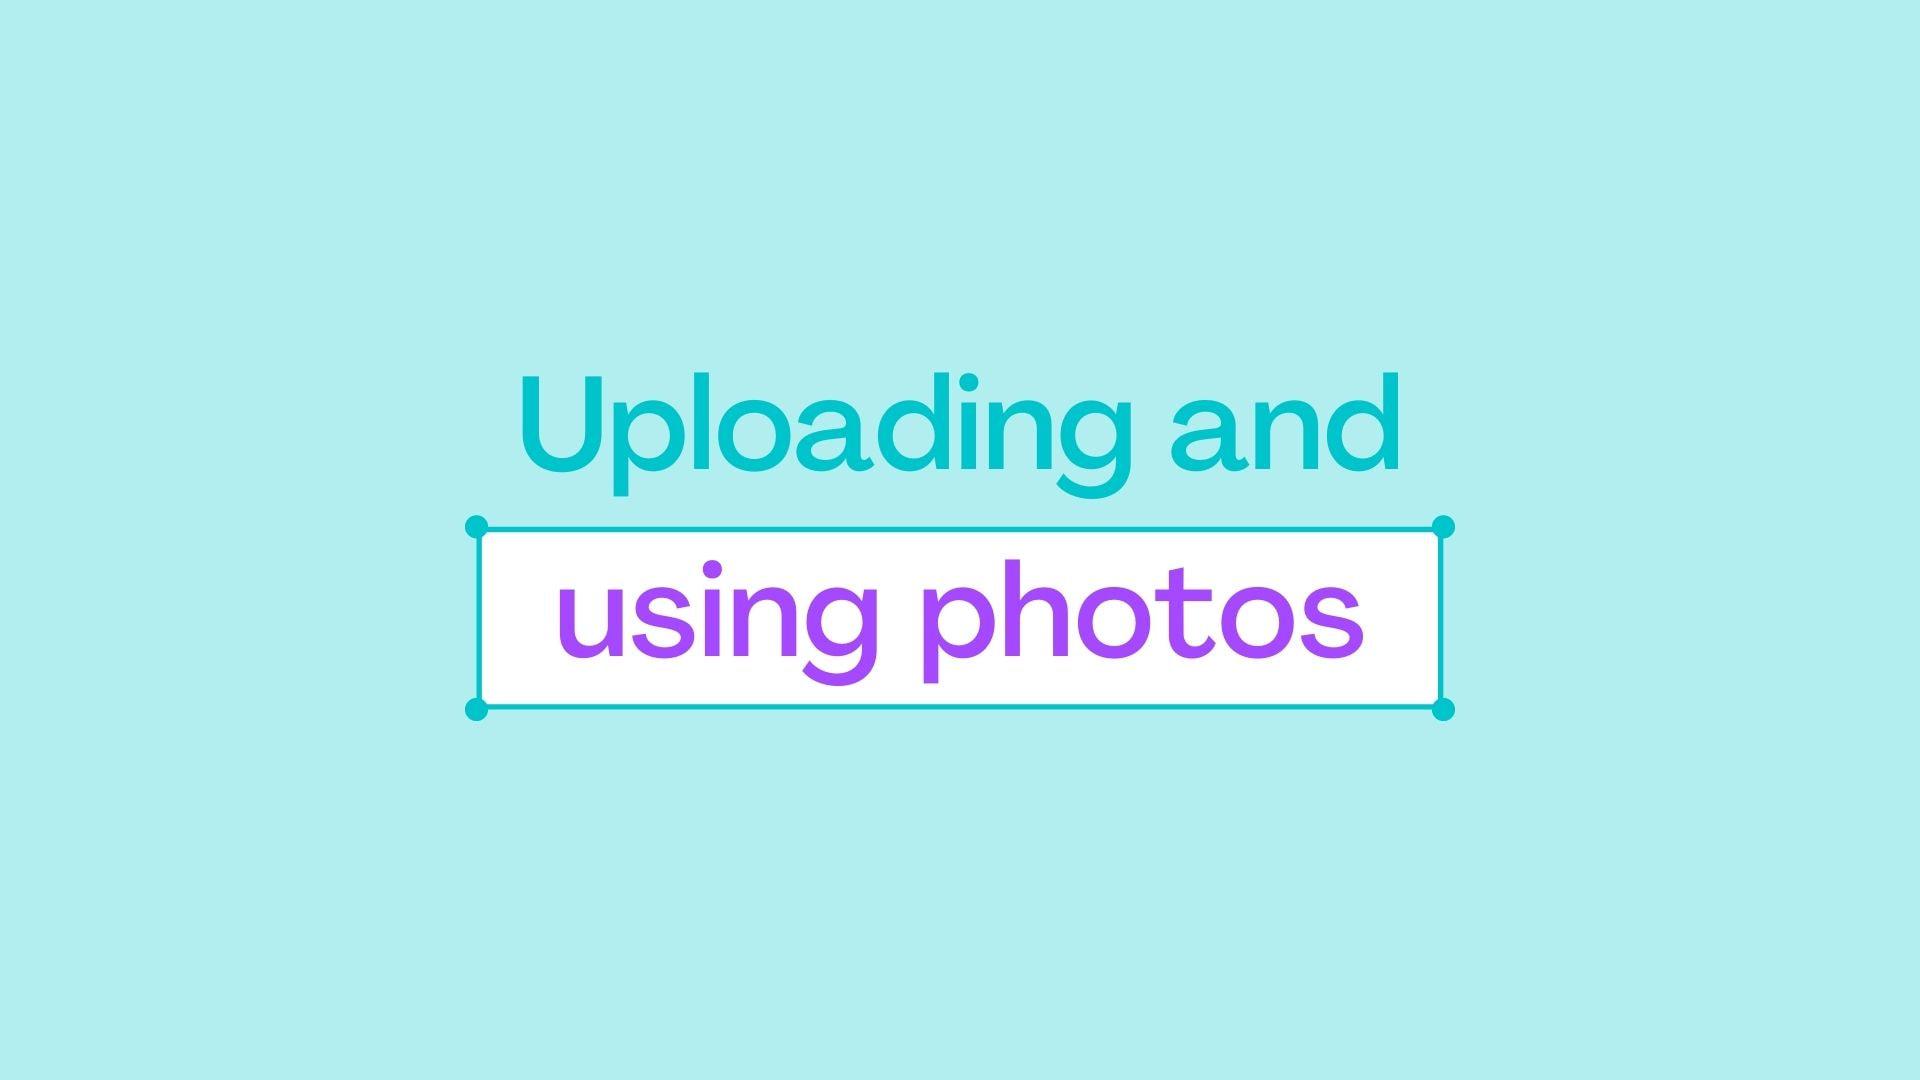 1.4 Uploading and using photos